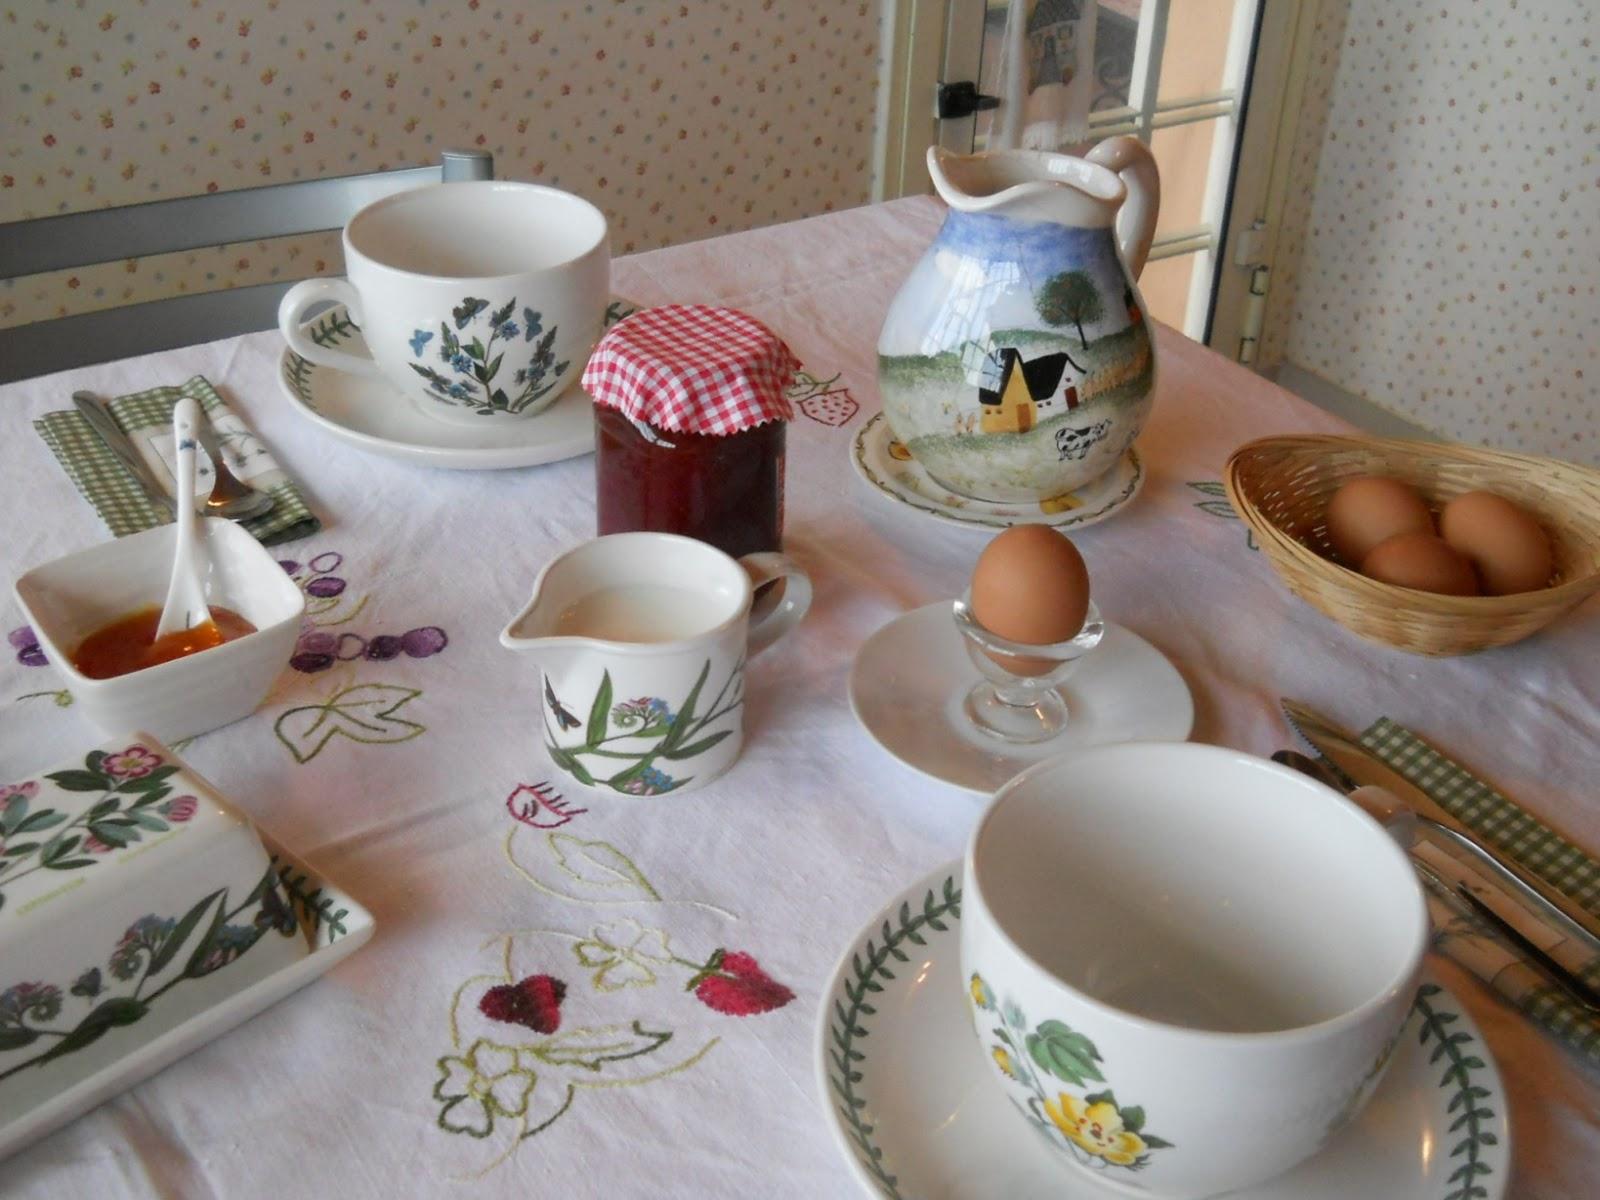 Miss jane home petit d jeuner for Set petit dejeuner porcelaine